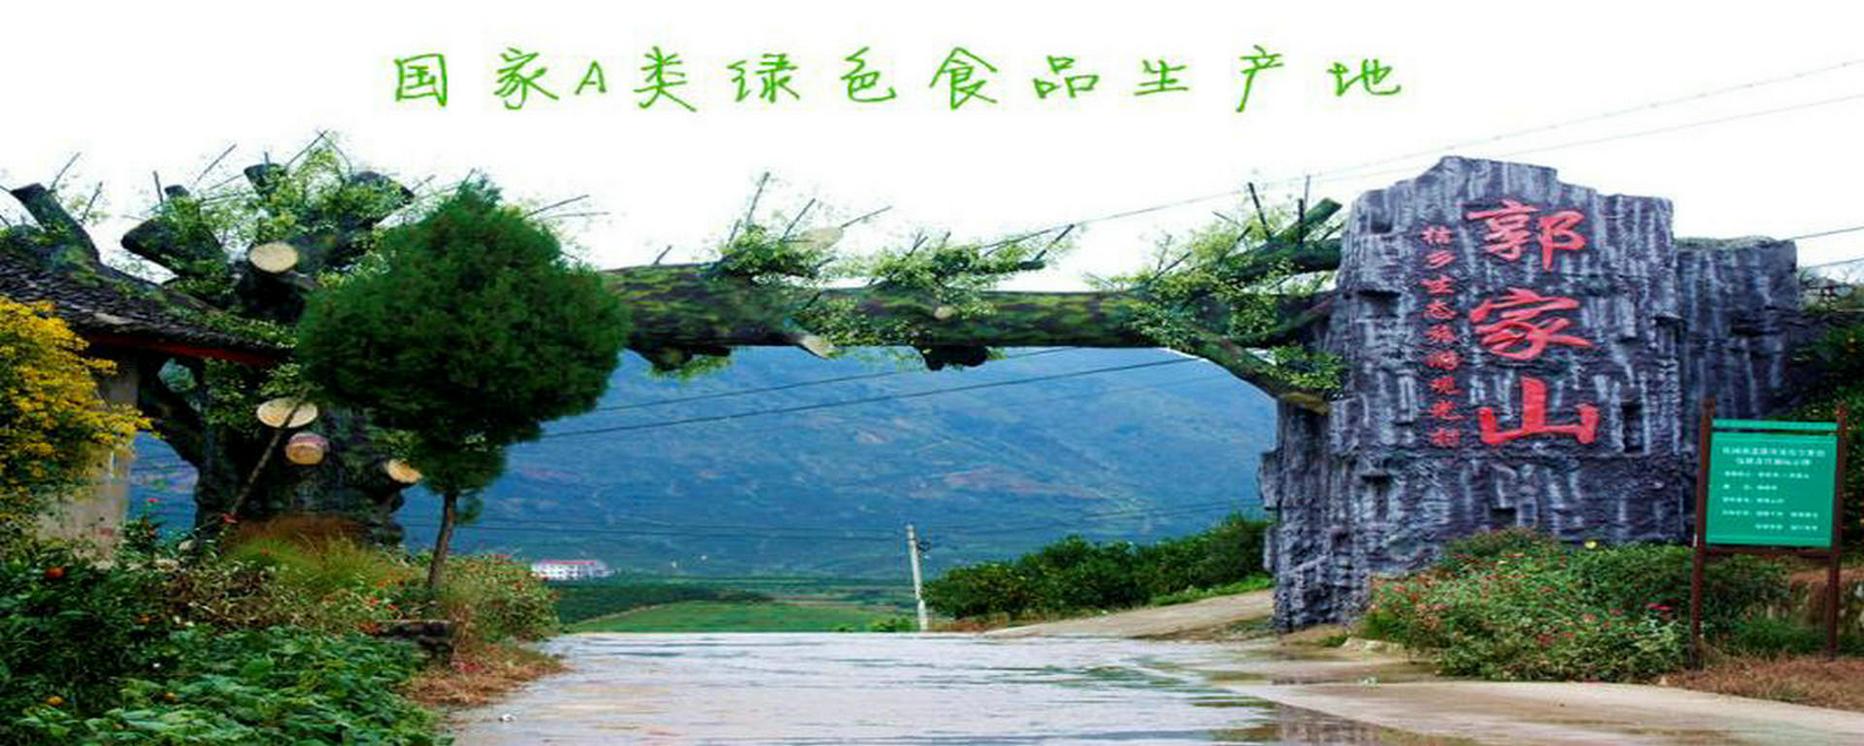 城固县珍珠蜜桔专业合作社